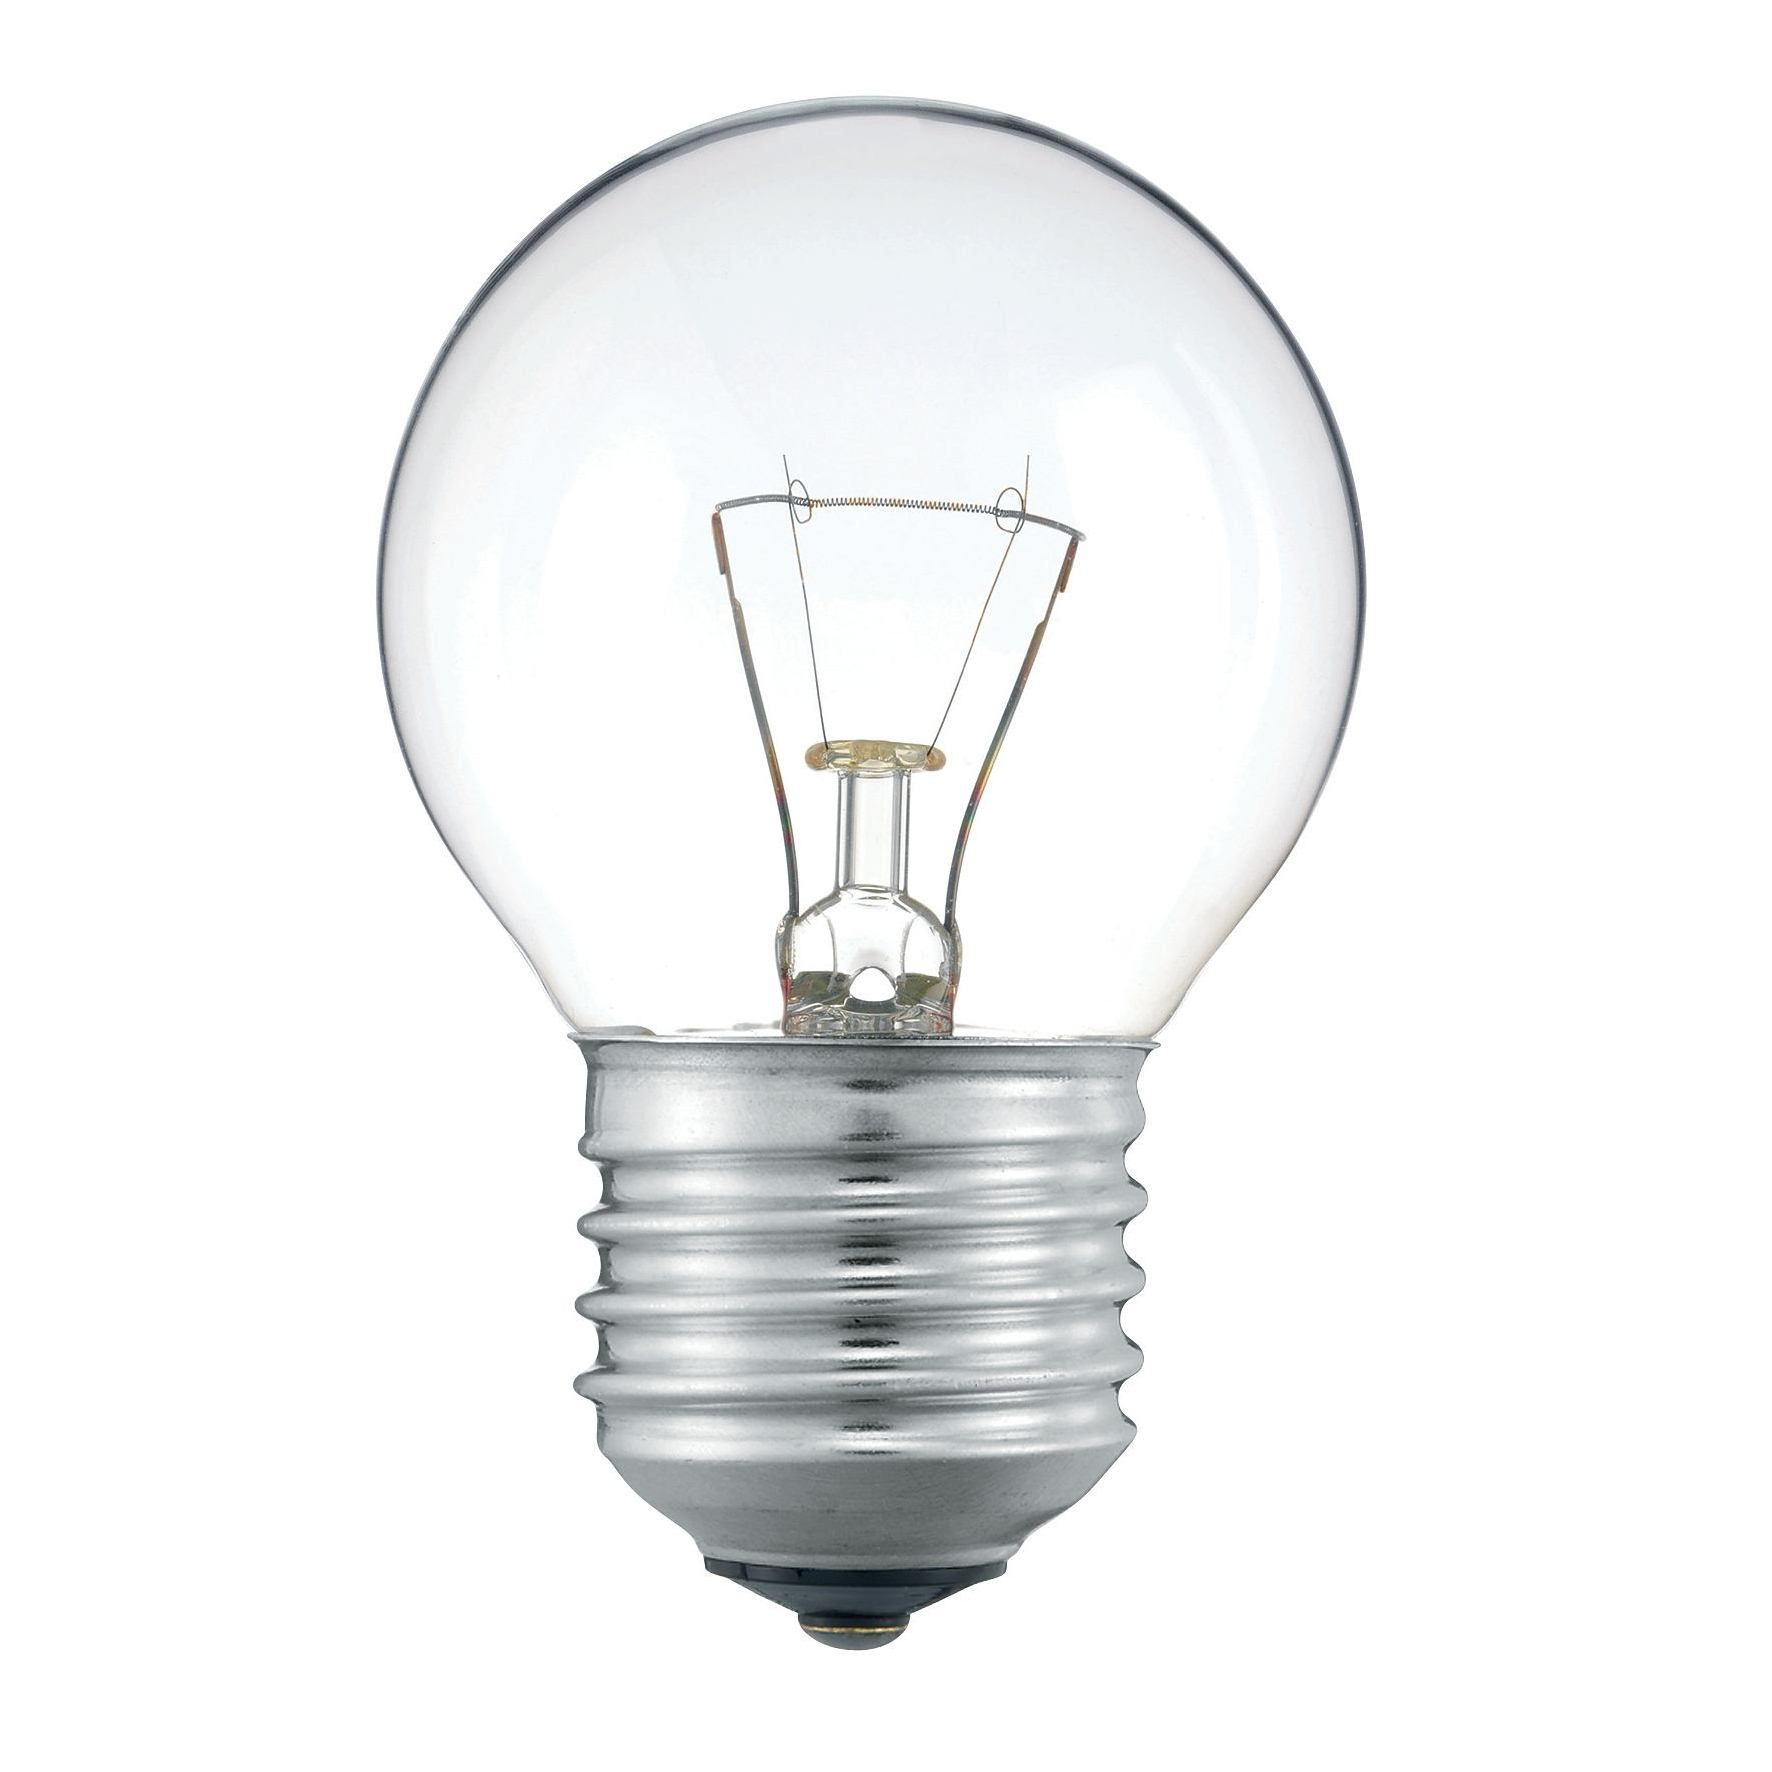 Купить Лампа накаливания Philips Stan 60W E27 230V P45 CL 1CT/10X10F прозрачная